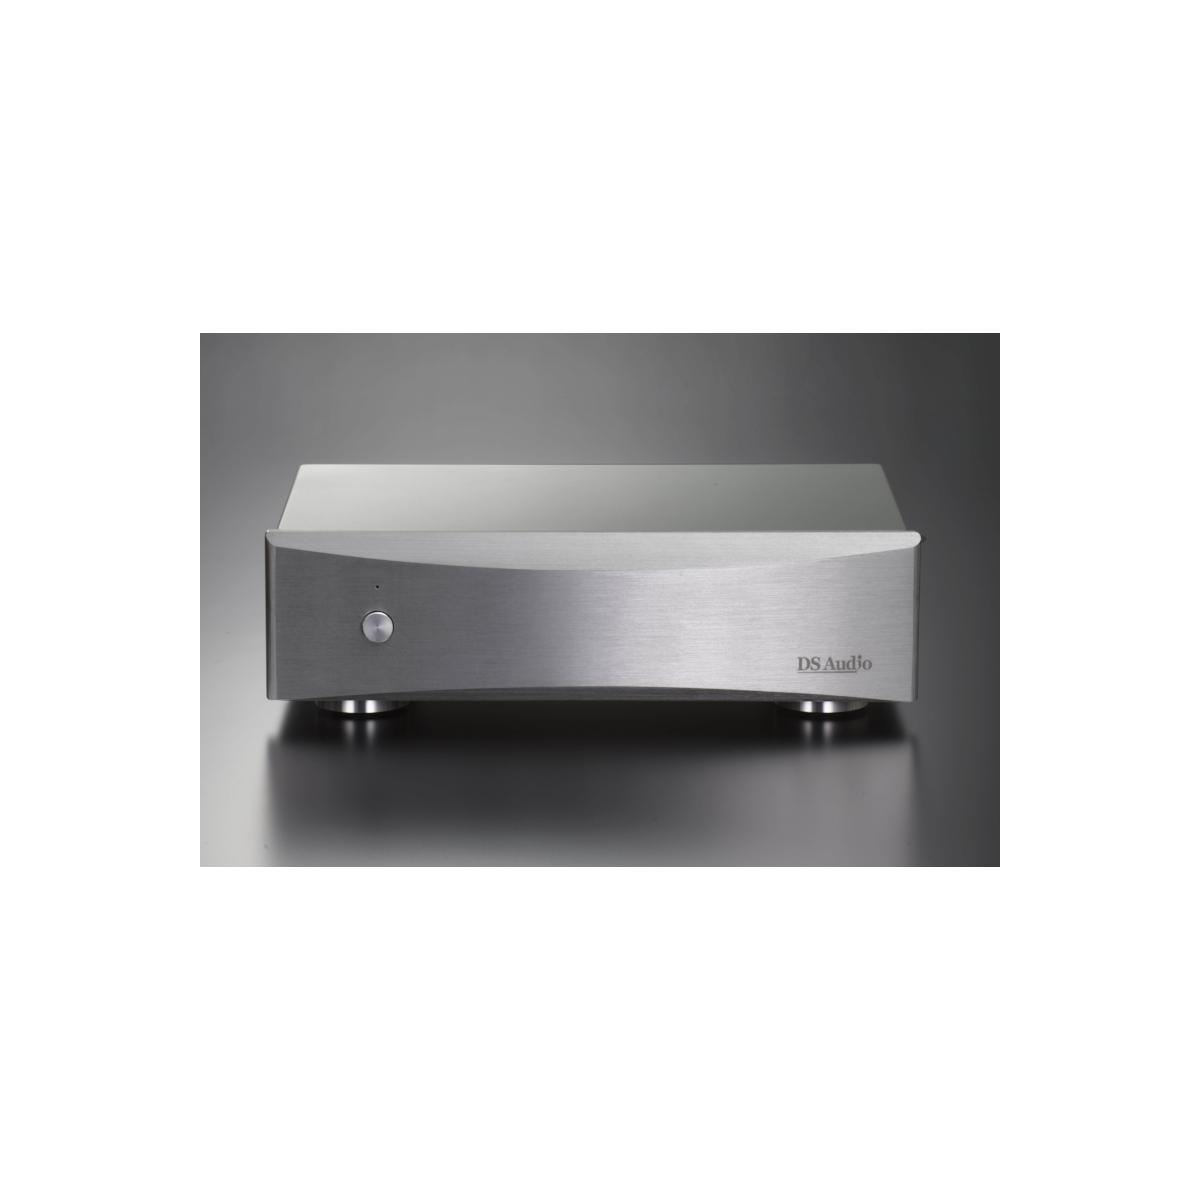 DS Audio DS002 イコライザー  ディーエスオーディオ 光カートリッジ専用フォノイコライザー